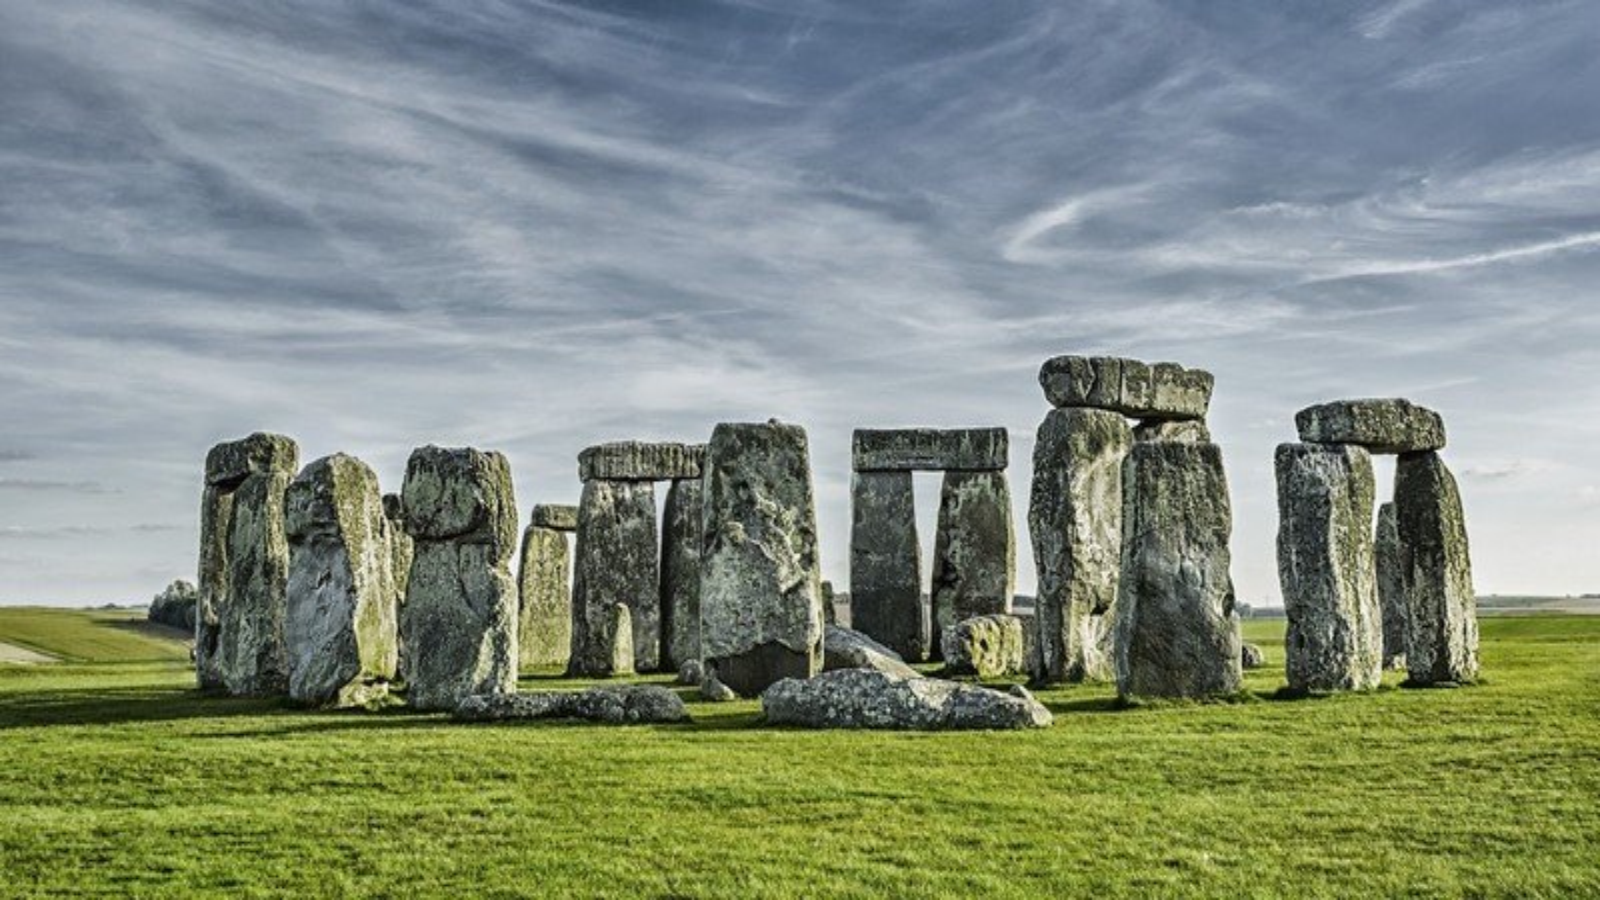 Самое интересное : Знаменитые места мира и удивительные истории о них